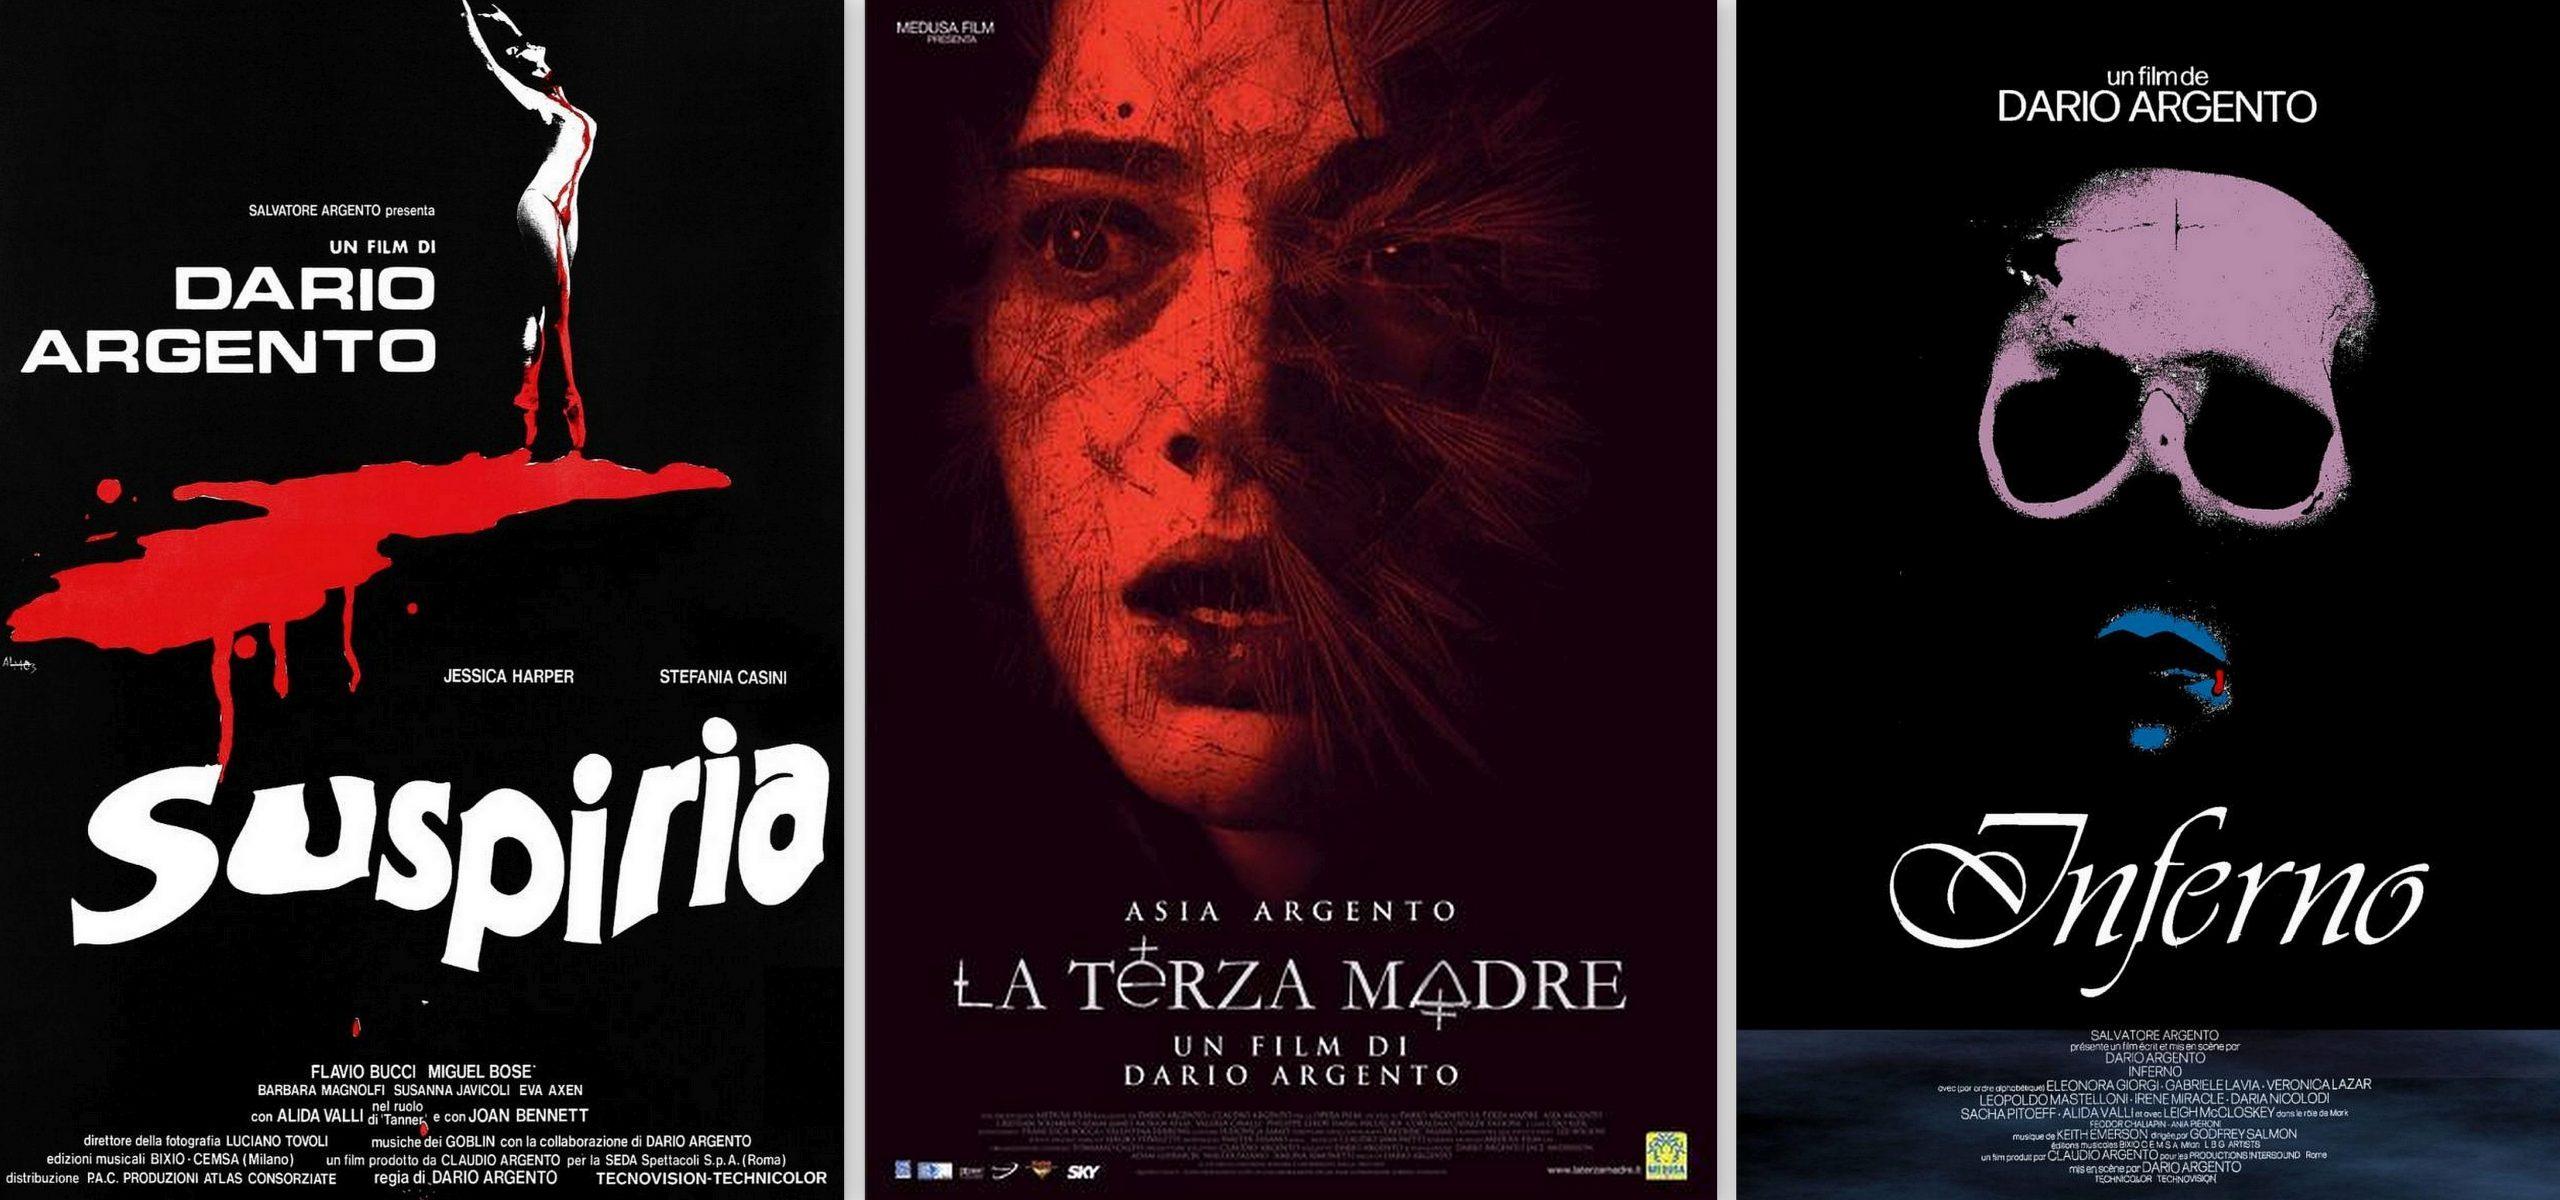 La madre del mal (Dario Argento, 2007)